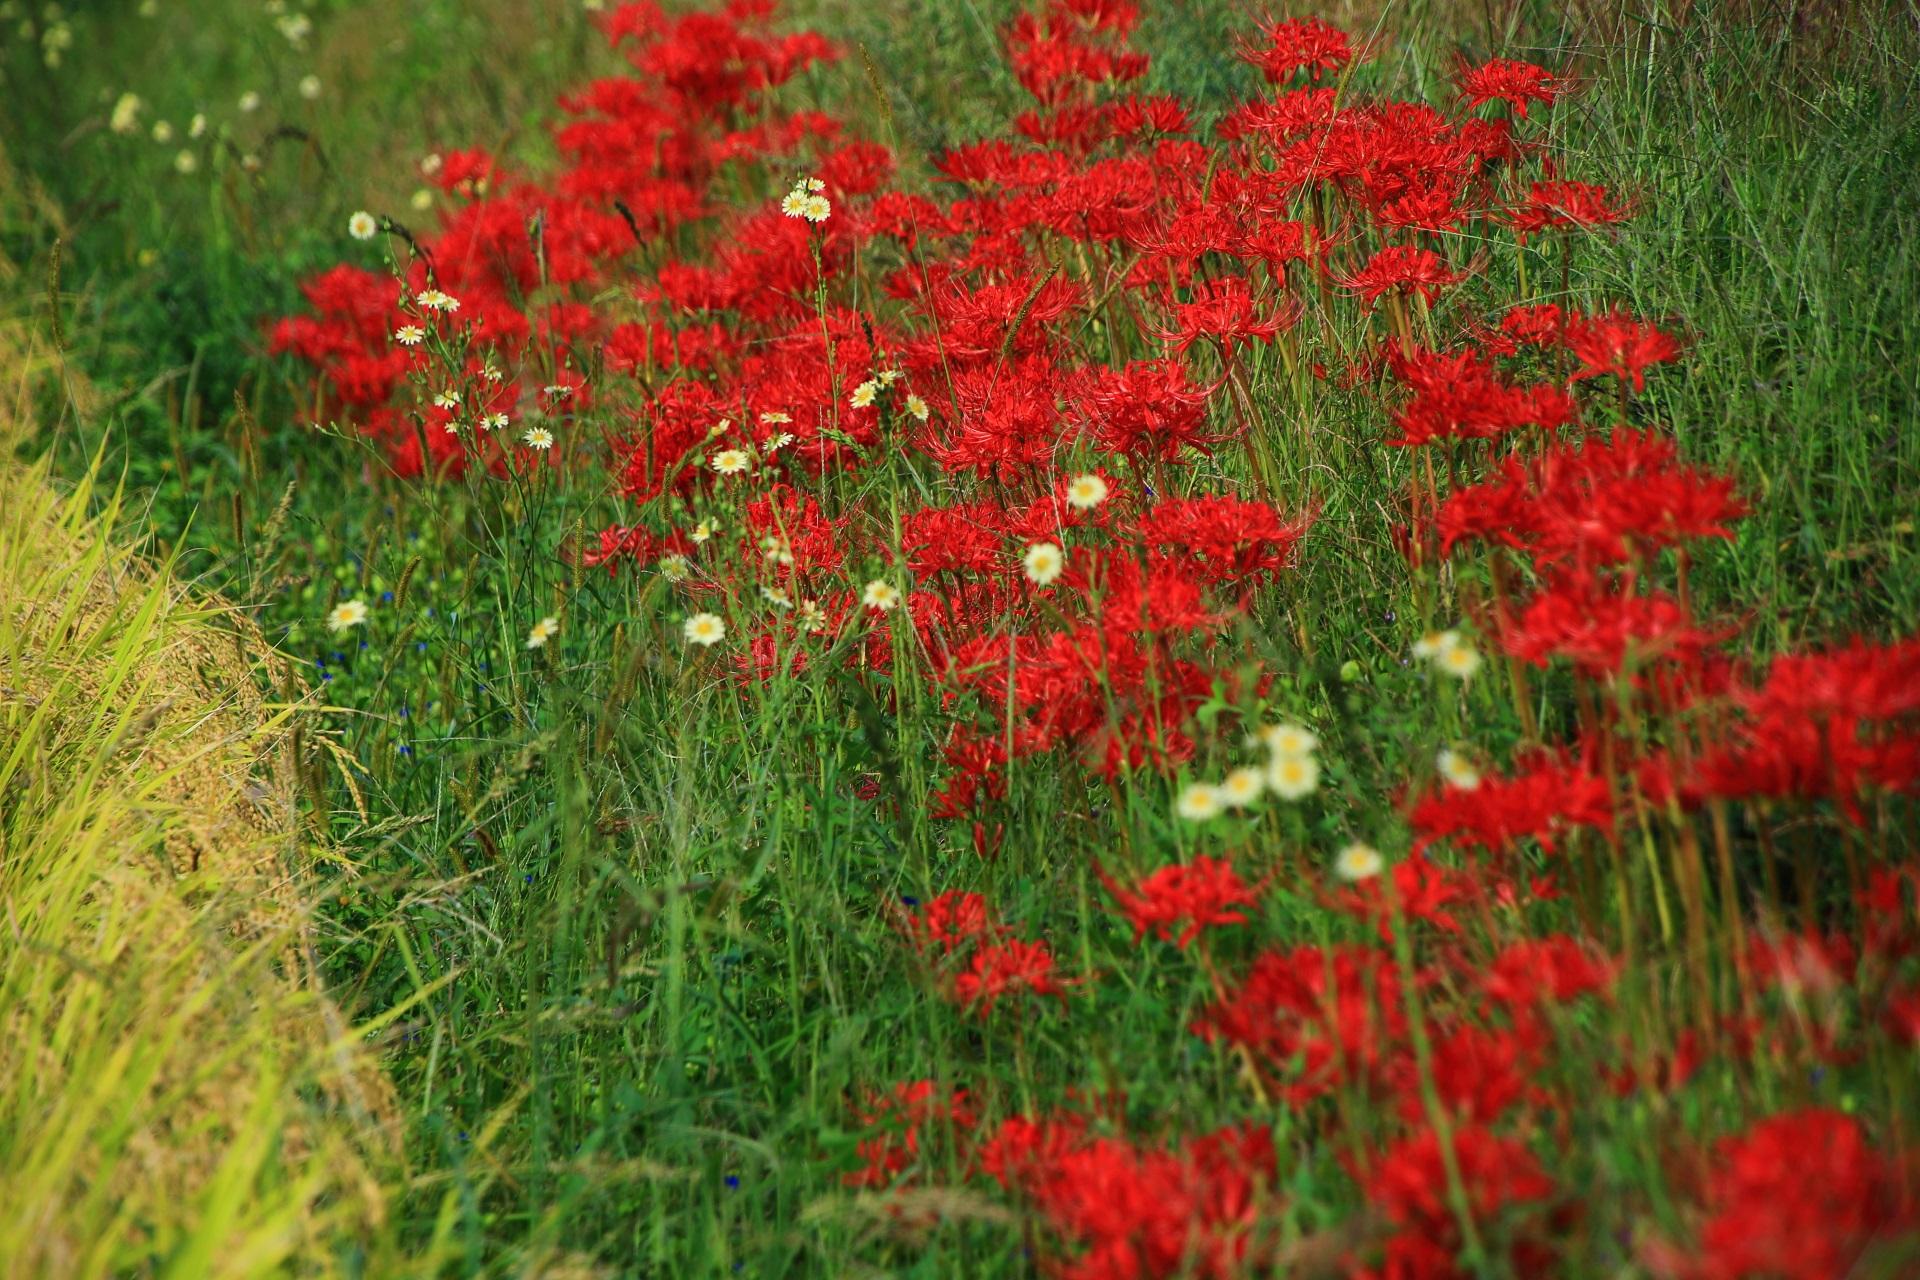 高野川近くの田園の彼岸花と可愛い花